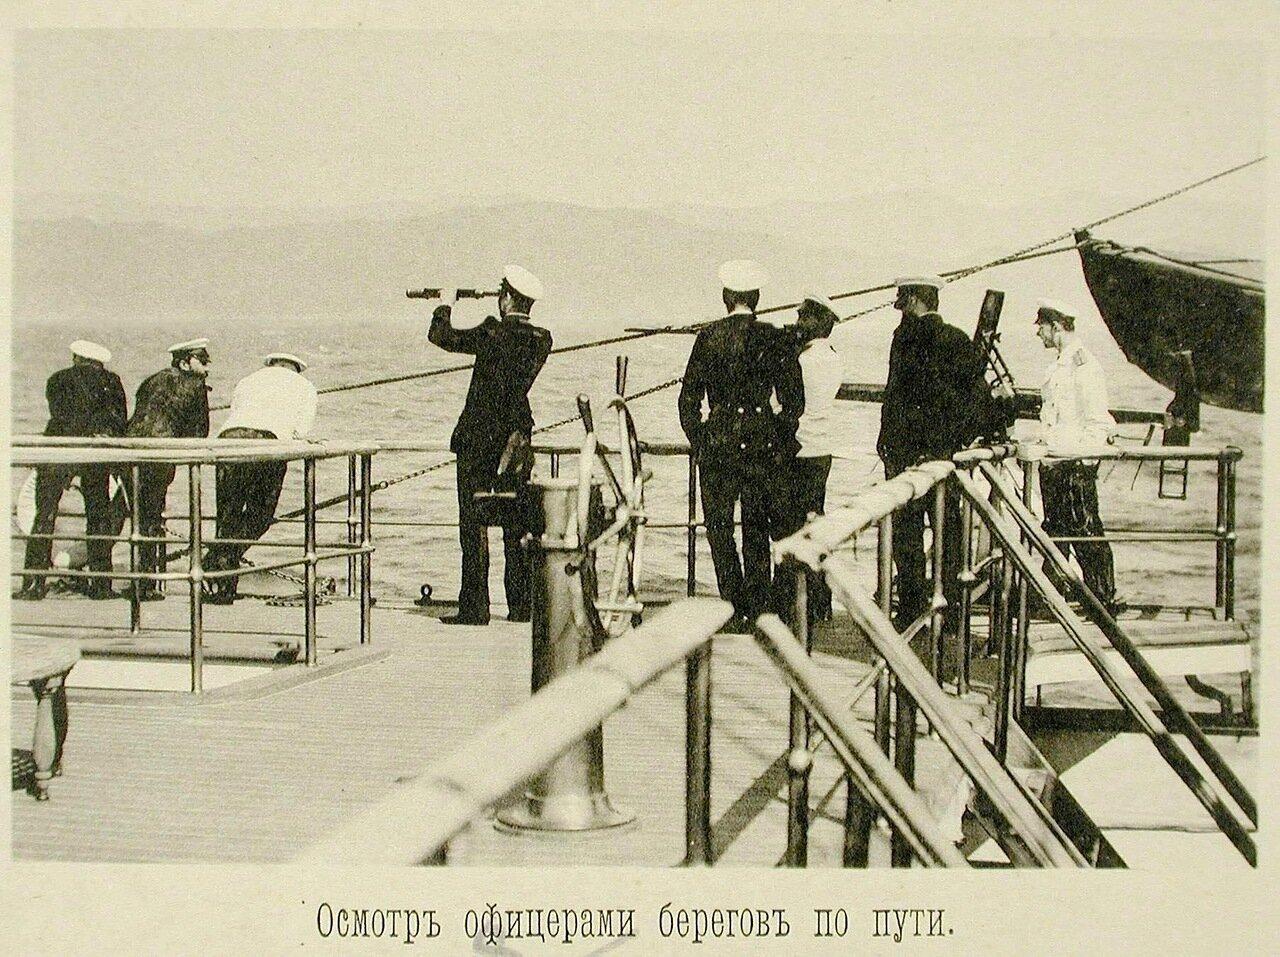 05. Офицеры крейсера1-го ранга Адмирал Корнилов осматривают берега по пути следования. 20-26 апреля 1895